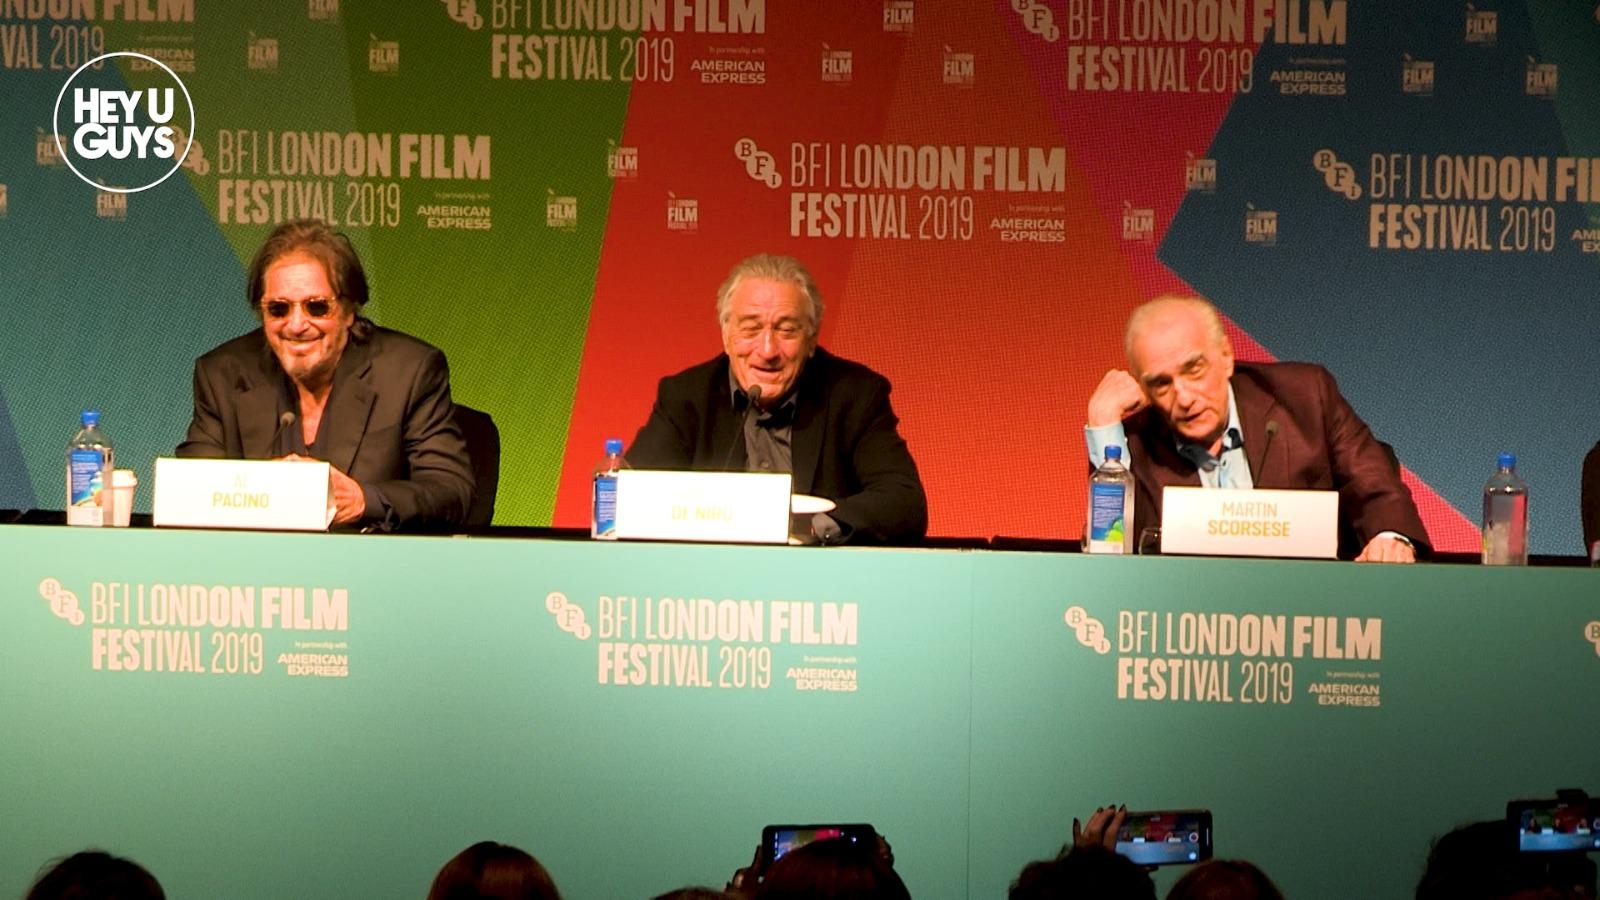 the irishman lff press conference